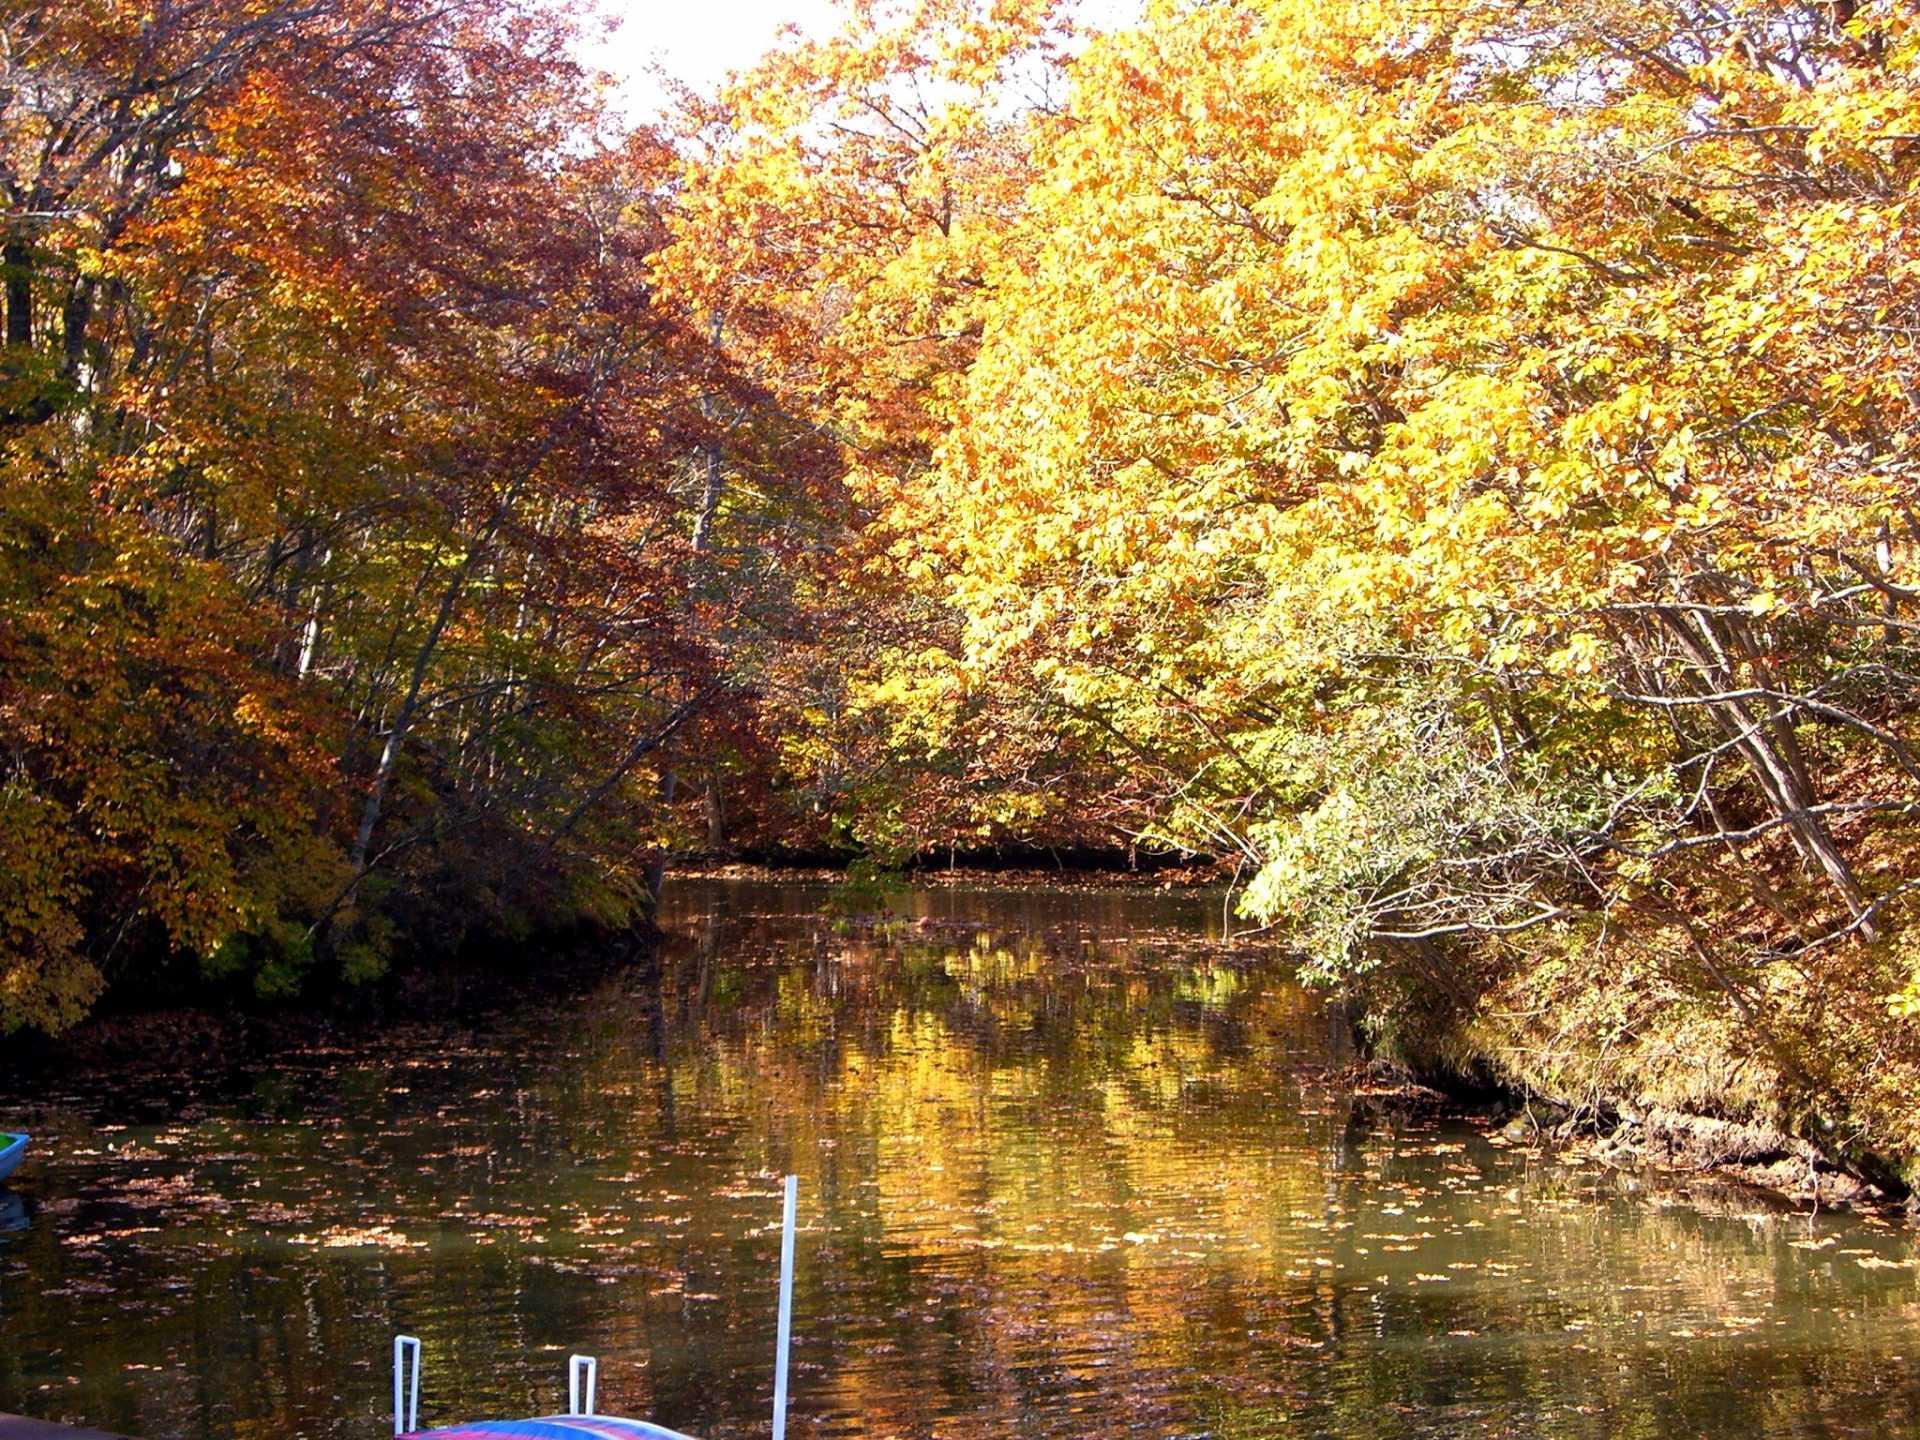 照映在湖面上的紅葉美麗又迷人